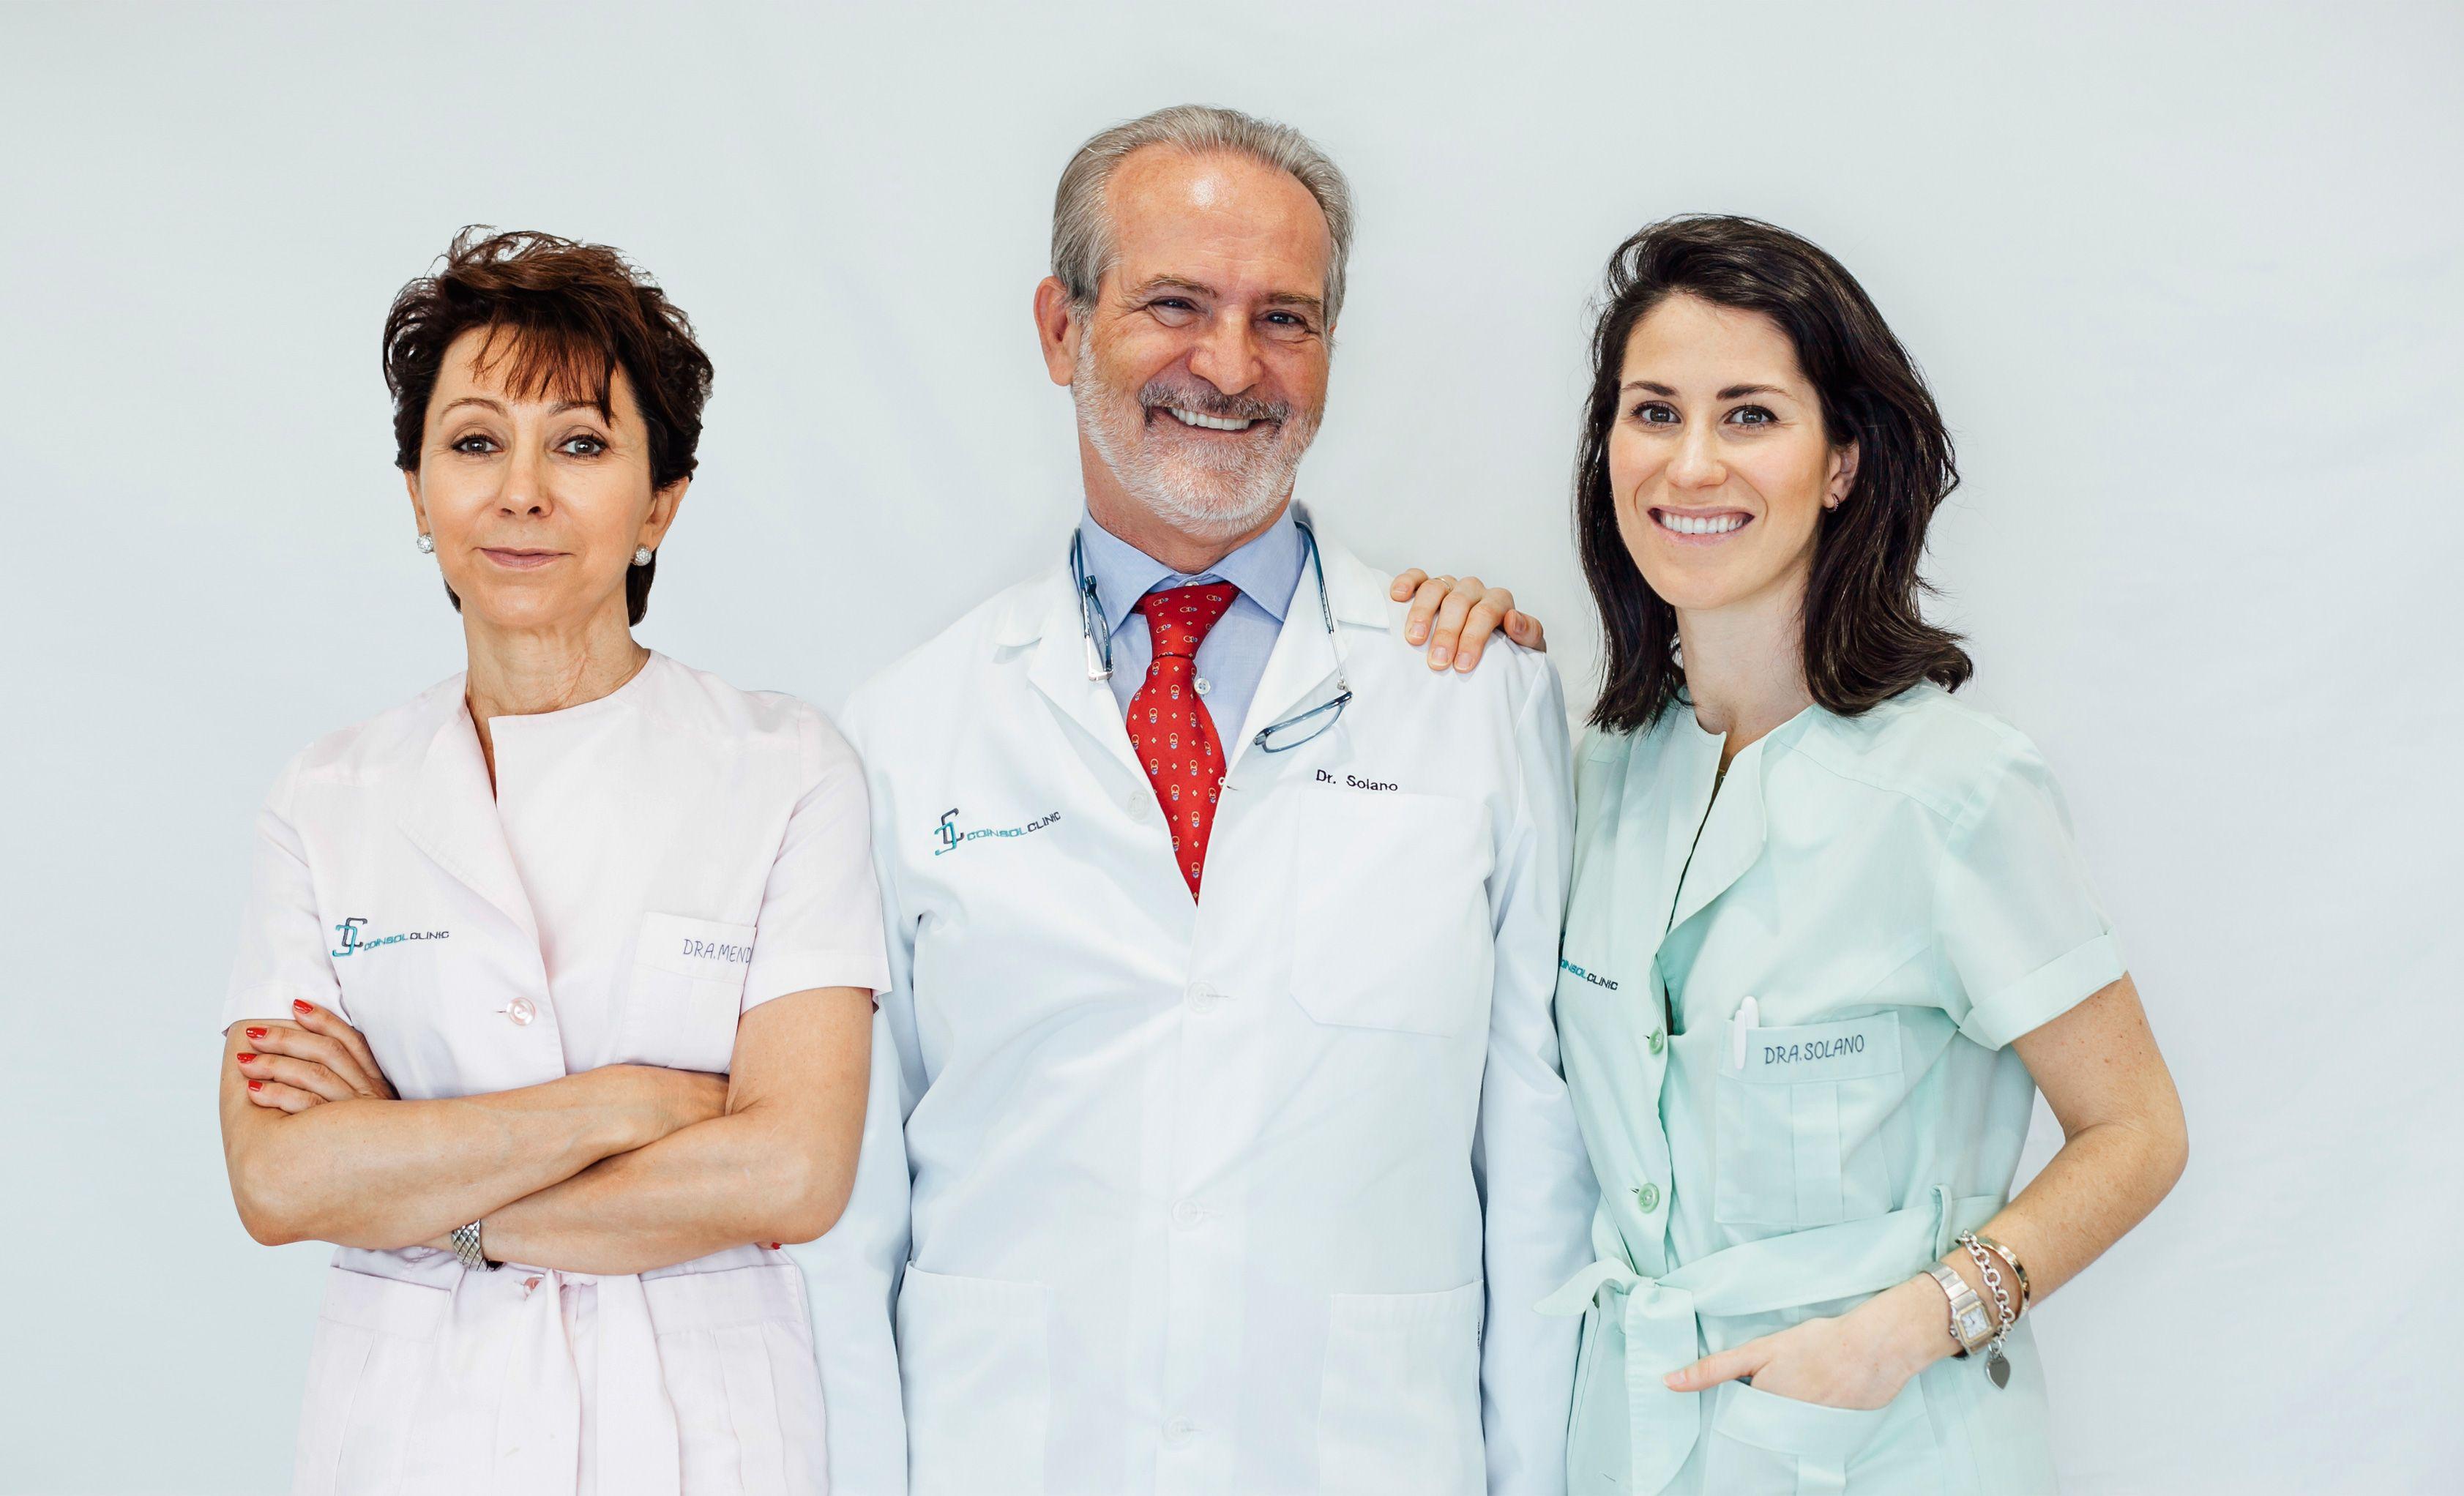 Foto de Doctores: Asunción Mendoza Mendoza, Enrique Solano Reina y